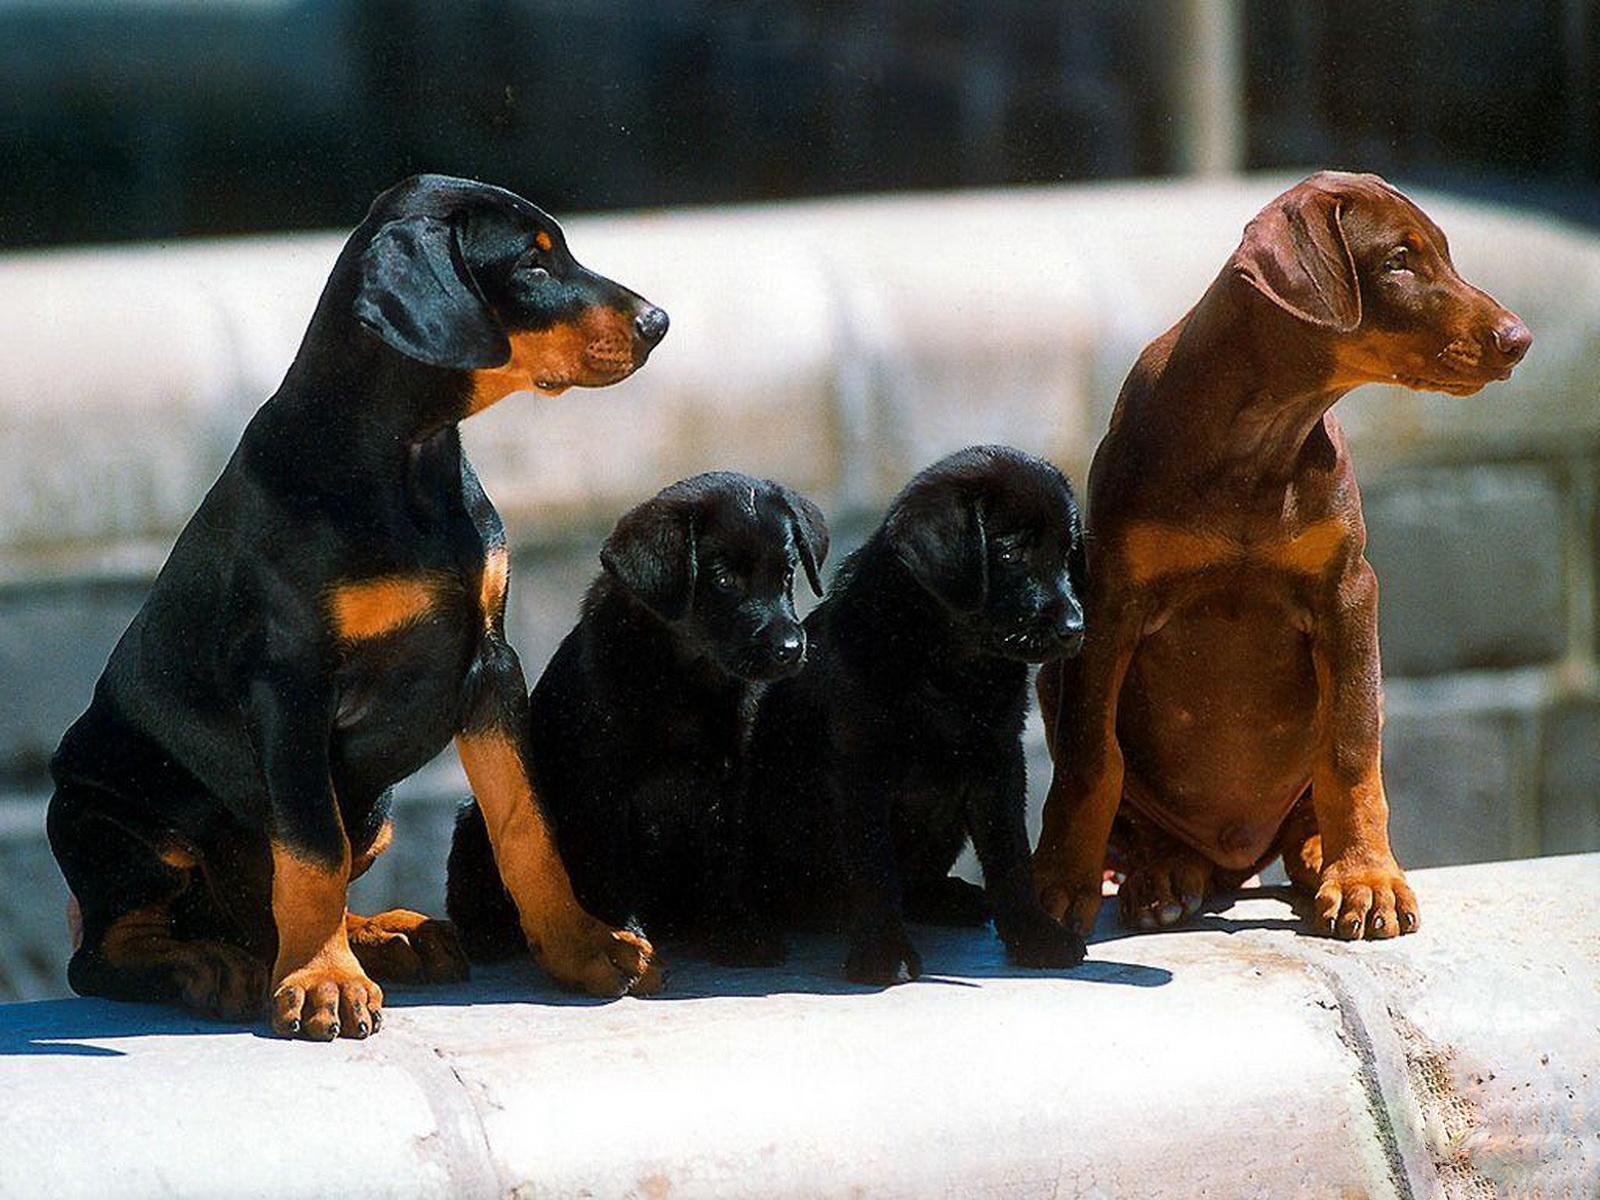 http://4.bp.blogspot.com/-Go_GspSRuyw/Tyw8PwtCkHI/AAAAAAAAA2U/st3txM26vk0/s1600/14-Cute+Dog+1600x1200.jpg